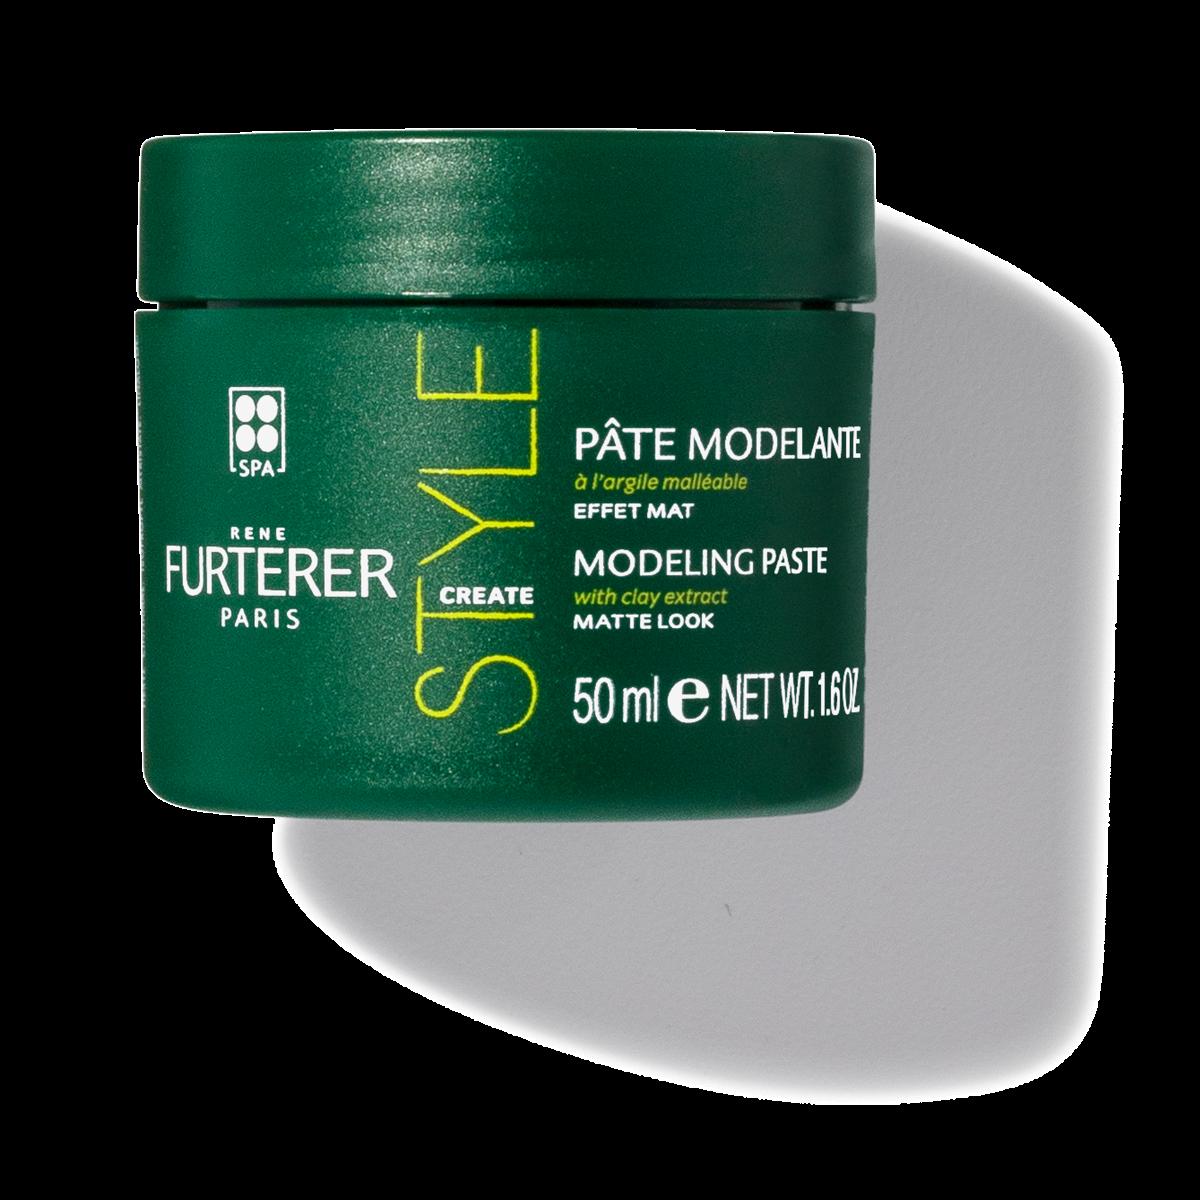 Rene Furterer STYLE Modeling Paste